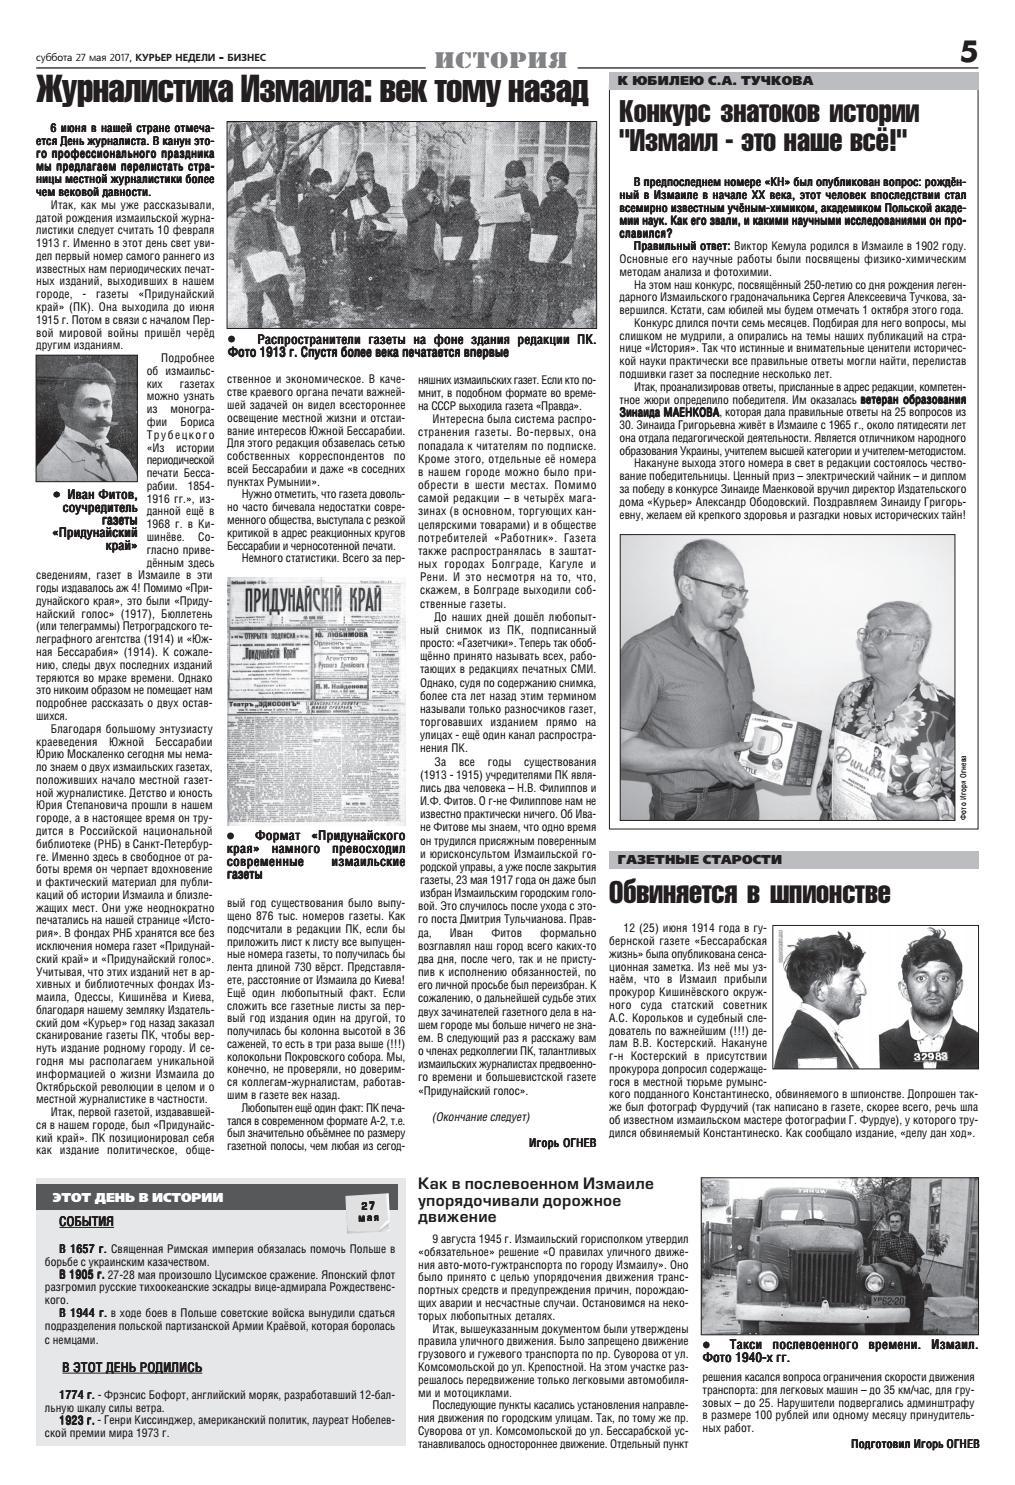 Поздравление корреспонденту газеты 65